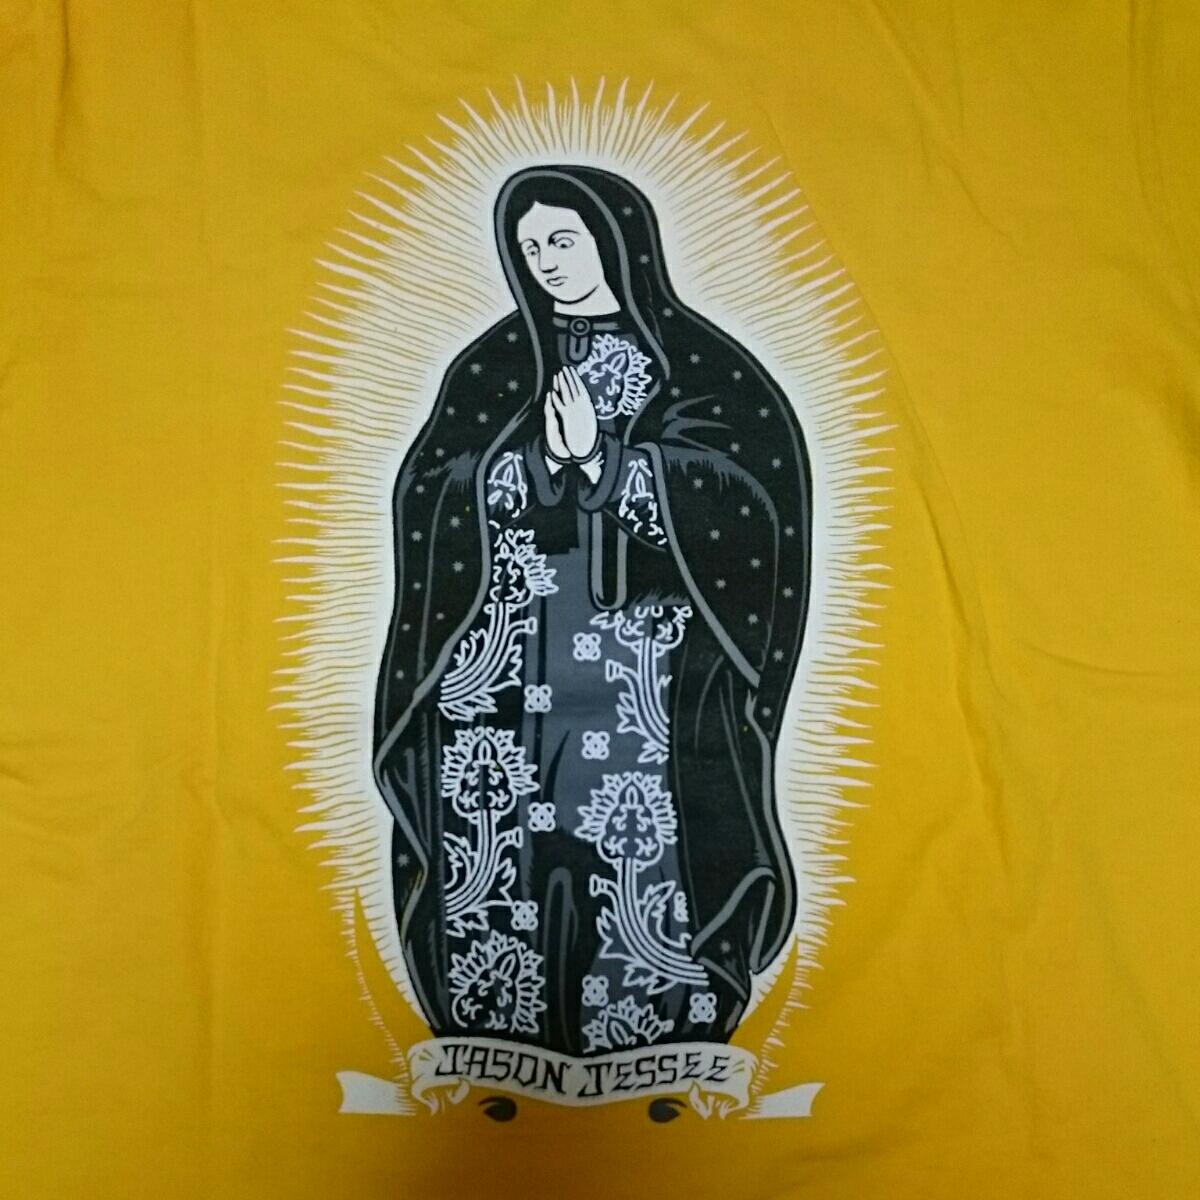 f452988aea181e 90s USA made SANTACRUZ sun ta cruise Jason Jessee T-shirt b-toPOWELL ...